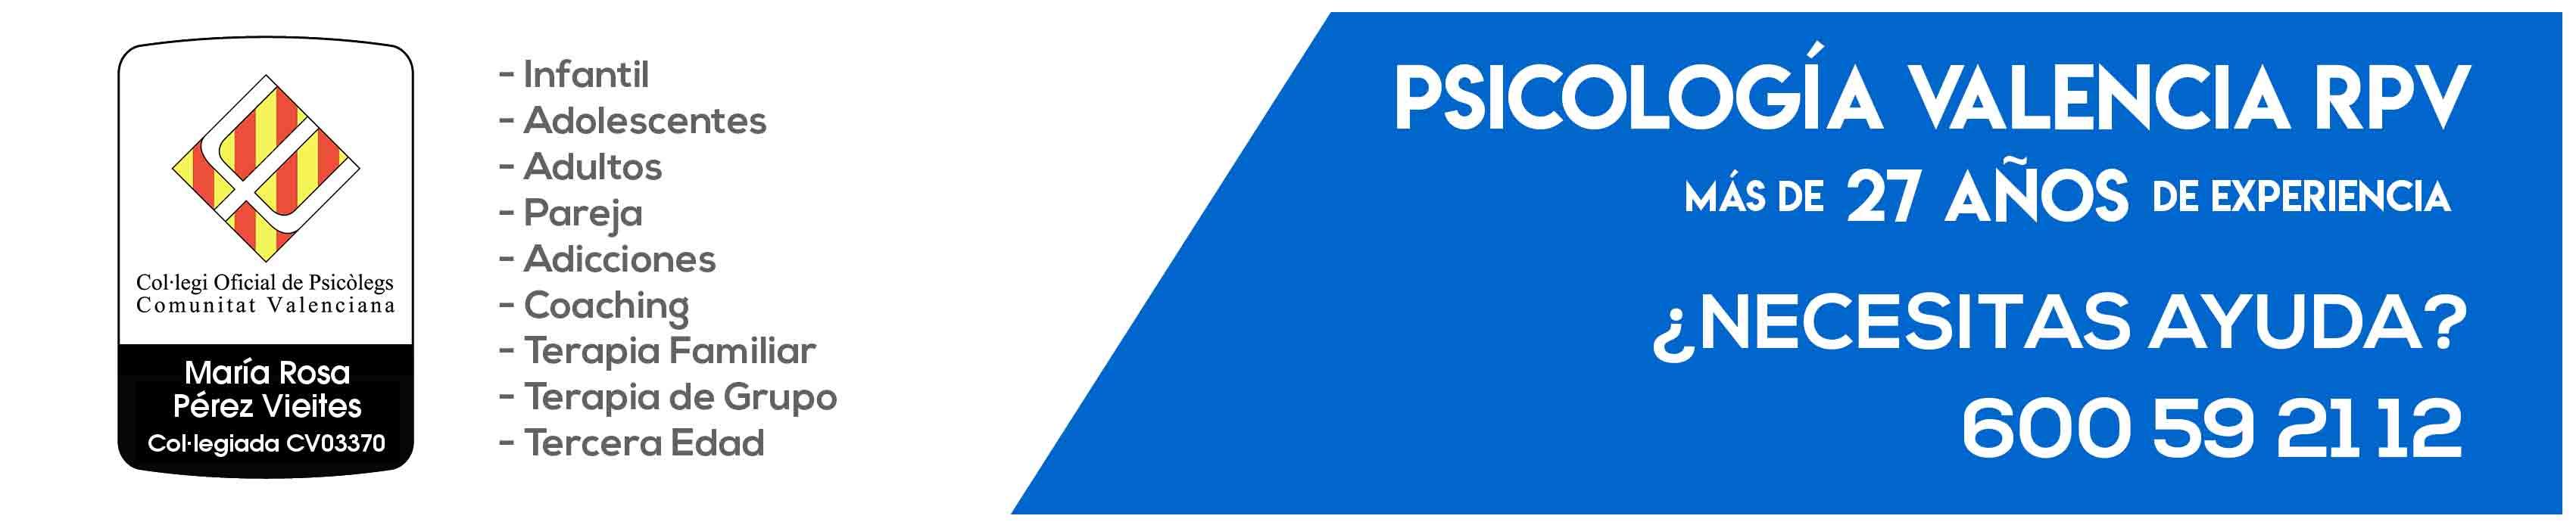 Psicología Valencia, patologías psicologicas